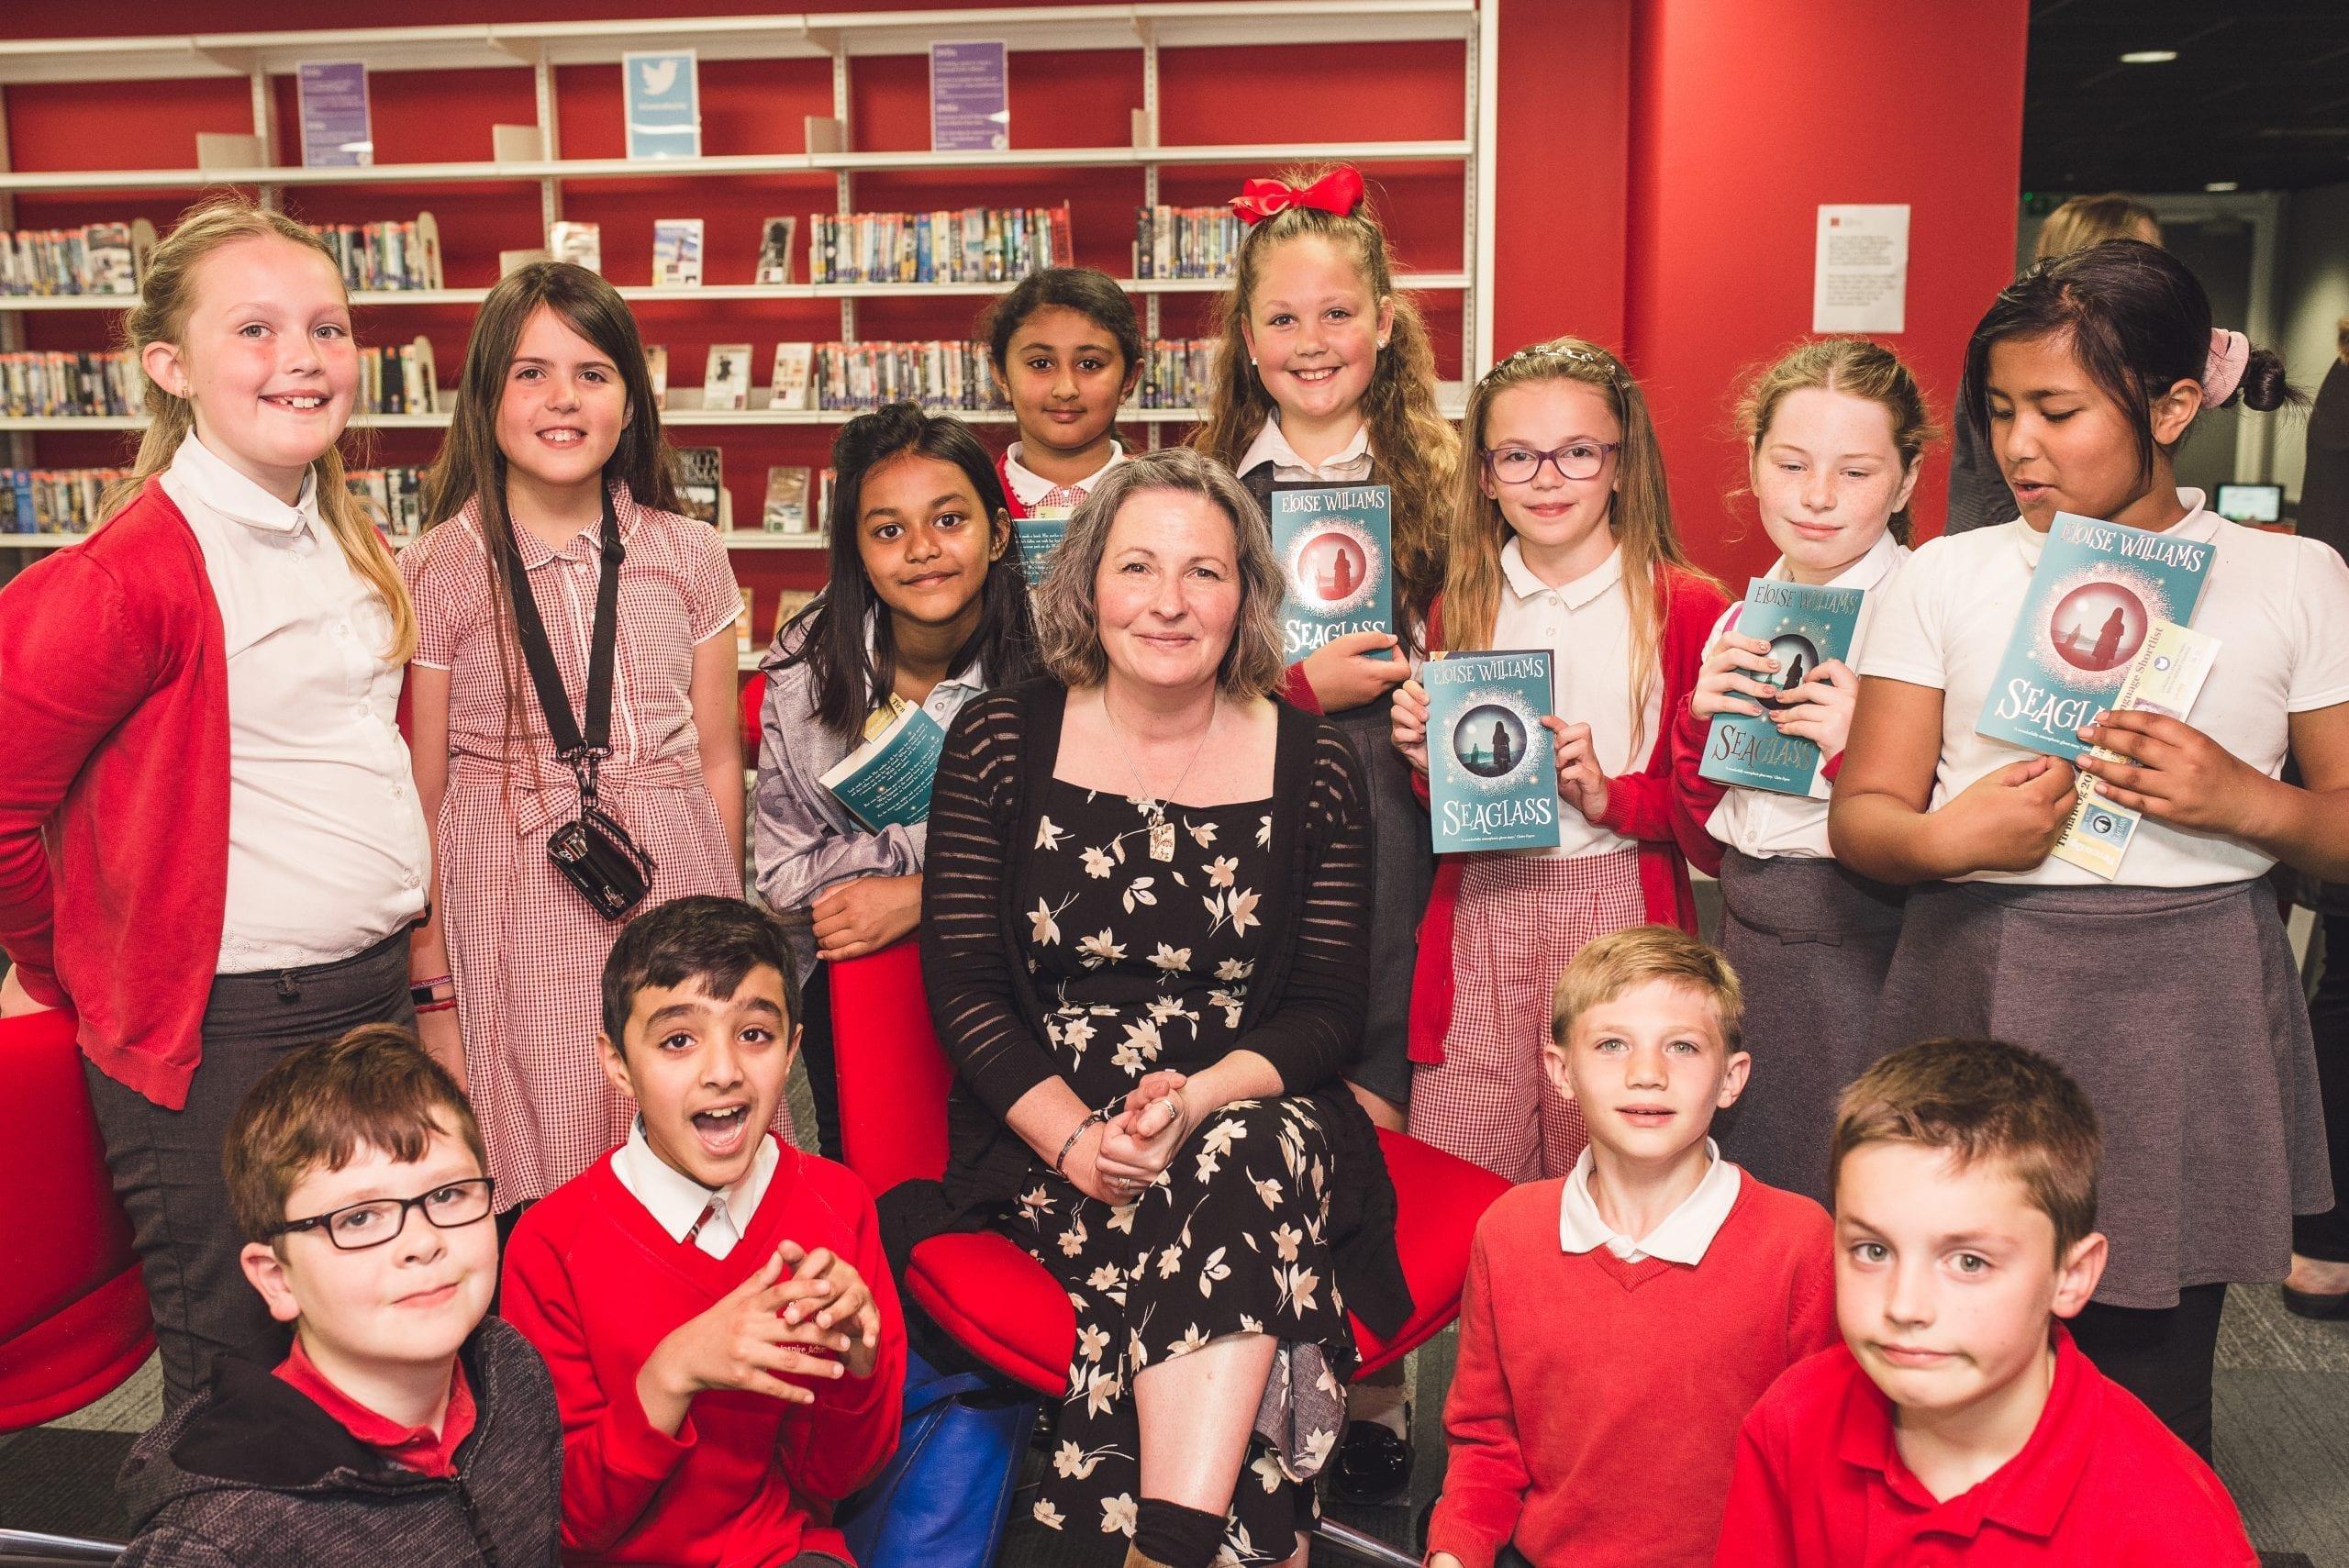 Taith awdur wedi'i threfnu gan Gyngor Llyfrau Cymru yn dangos Eloise Williams, Children's Laureate Wales, gyda chriw o blant ysgol